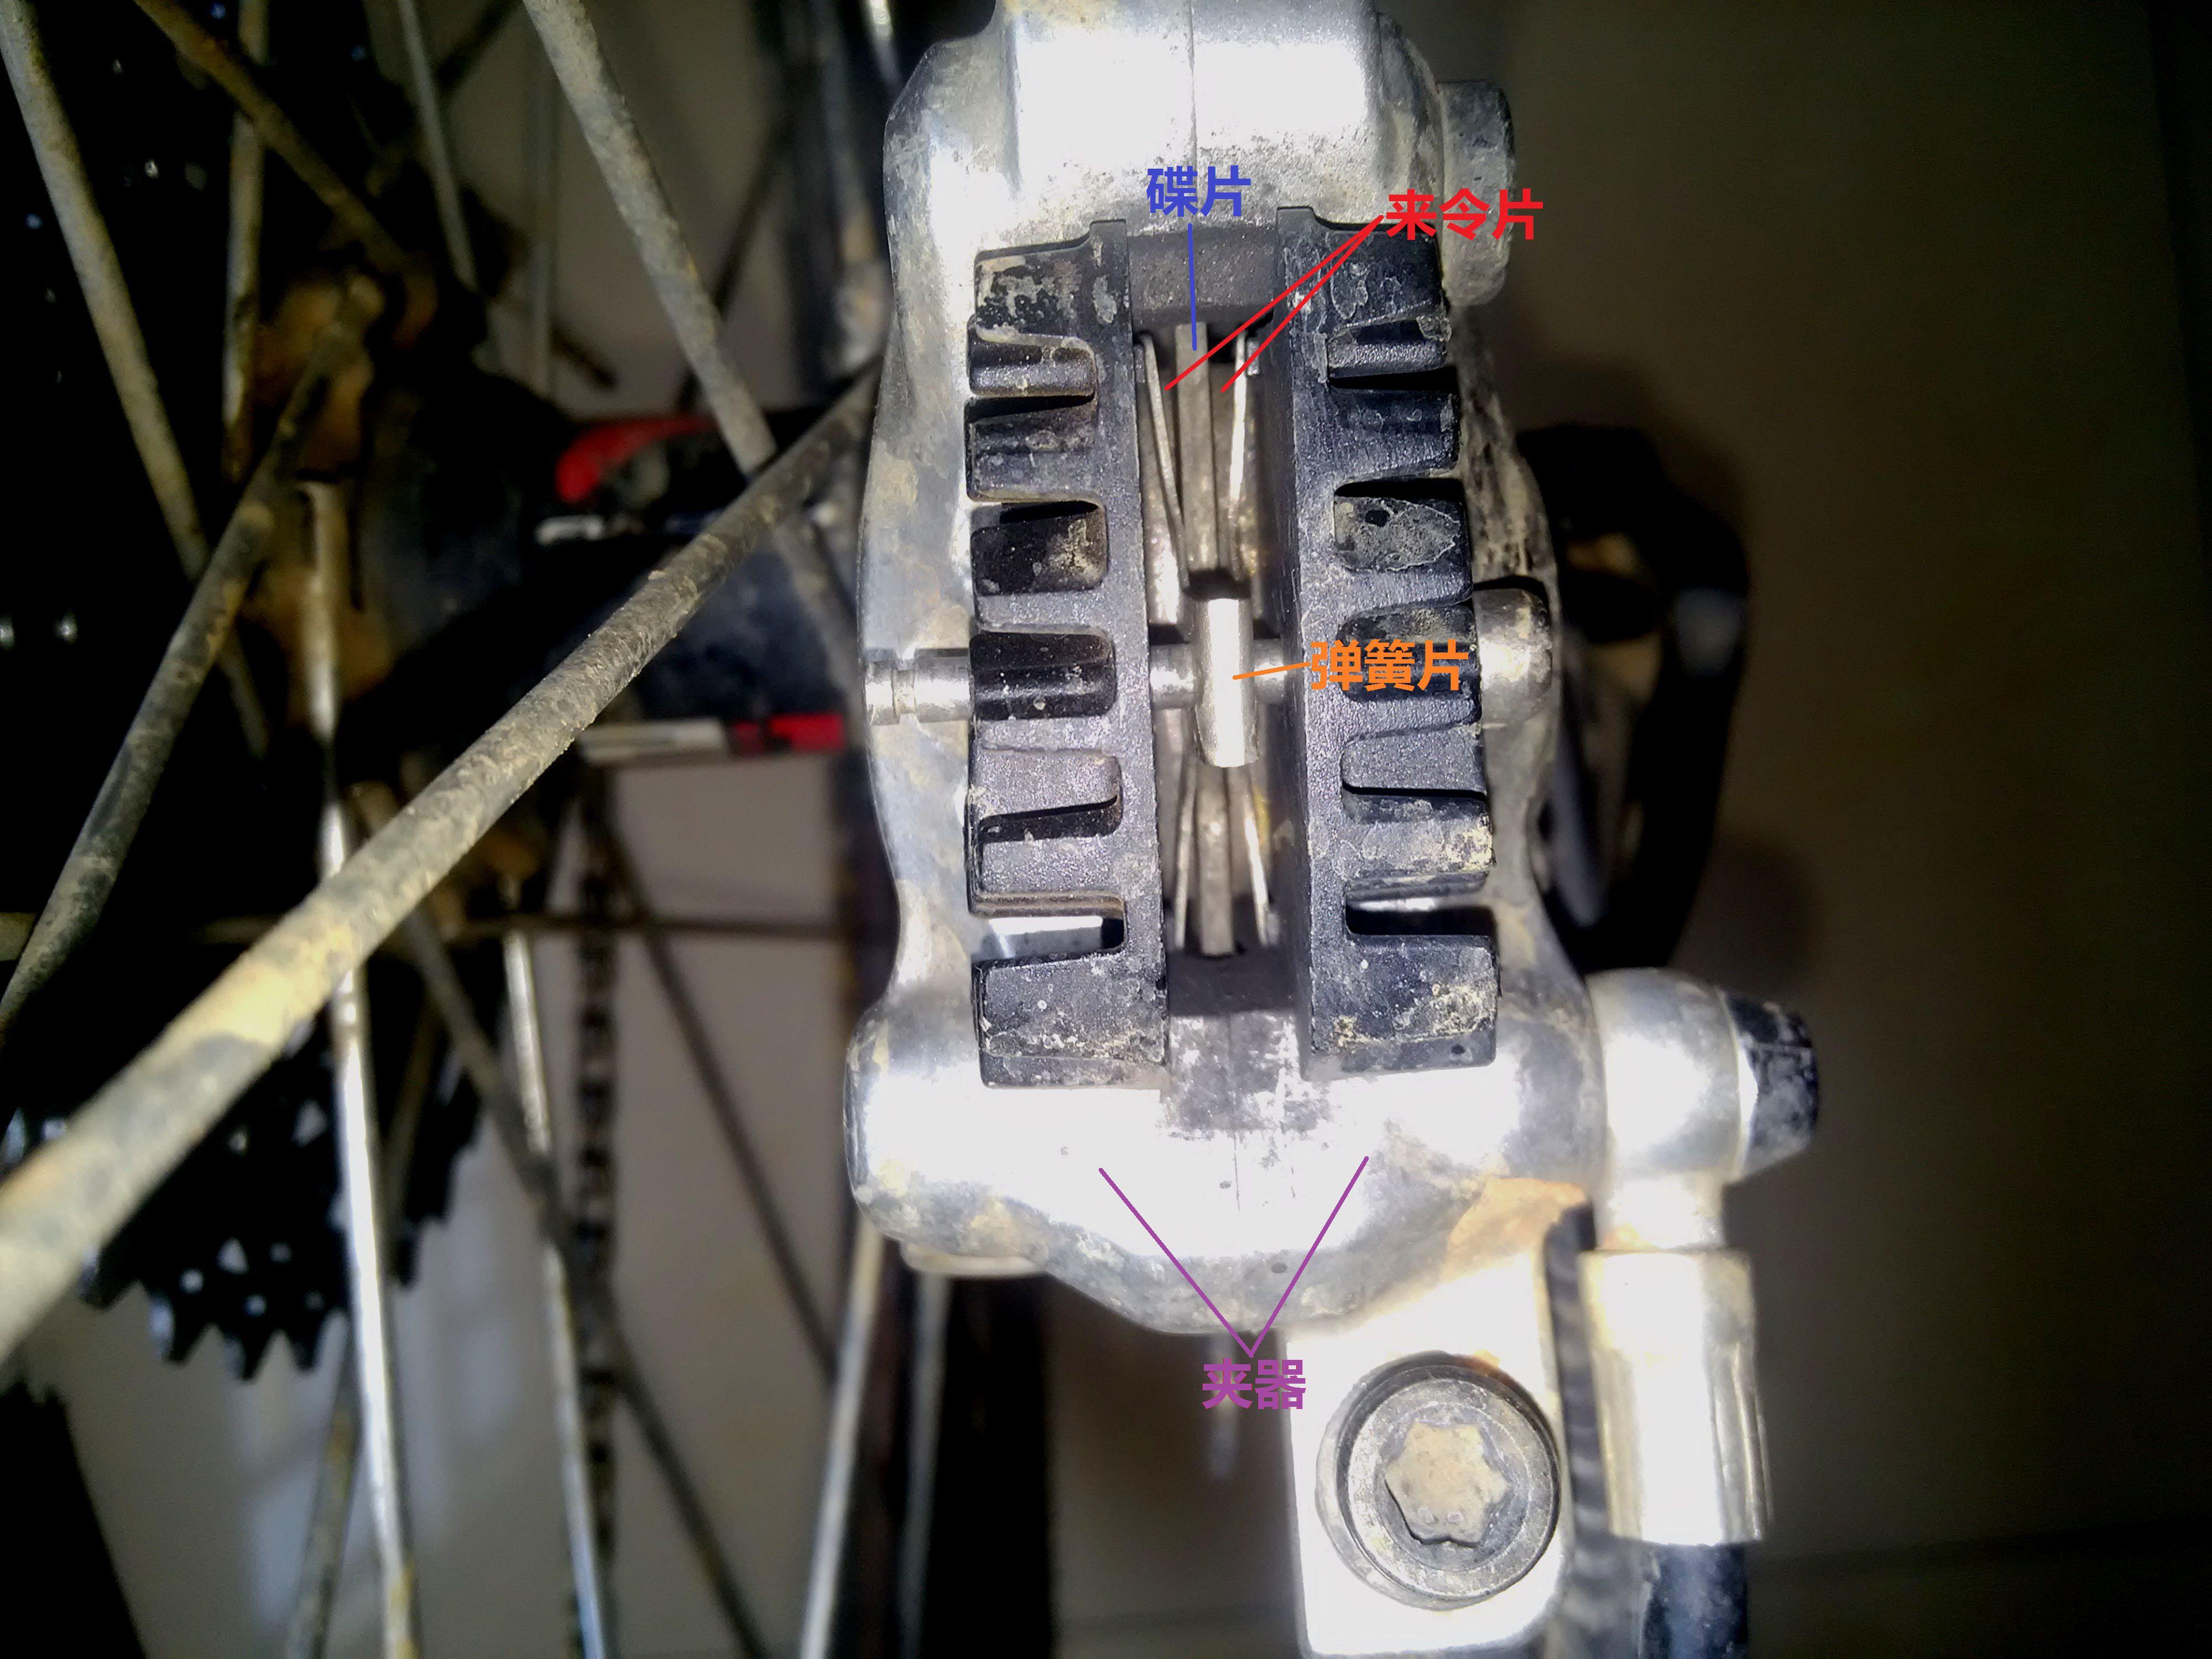 自行车油压碟刹 原理? 油我一想到的就是发动机制动